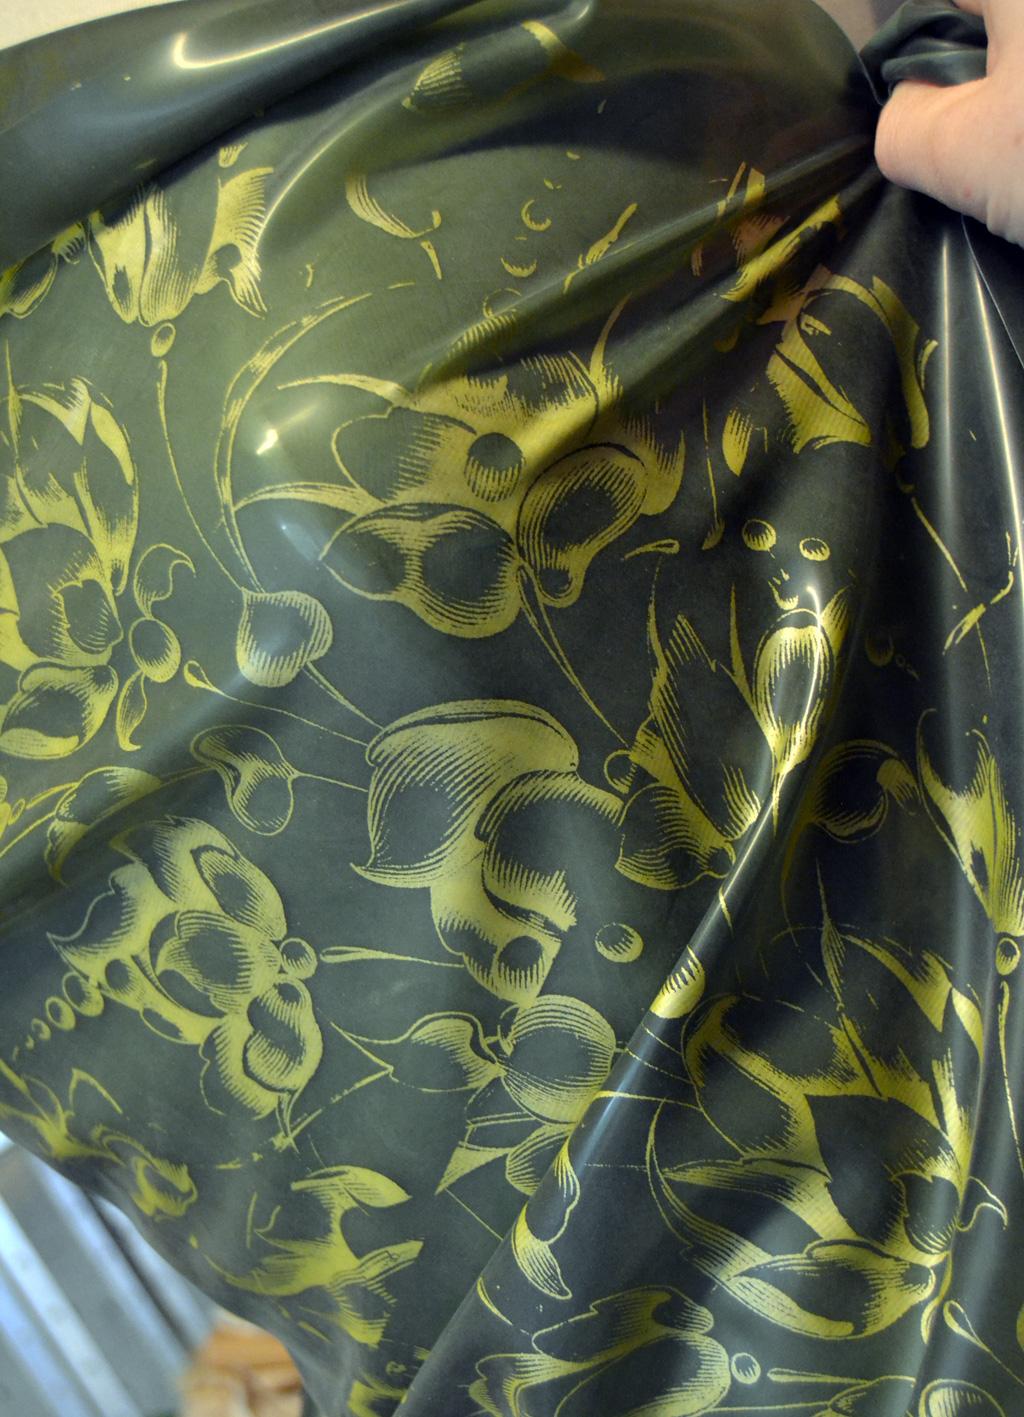 Populaire Services pour artistes - Tamara Louis - Design textile & Sérigraphie IF59